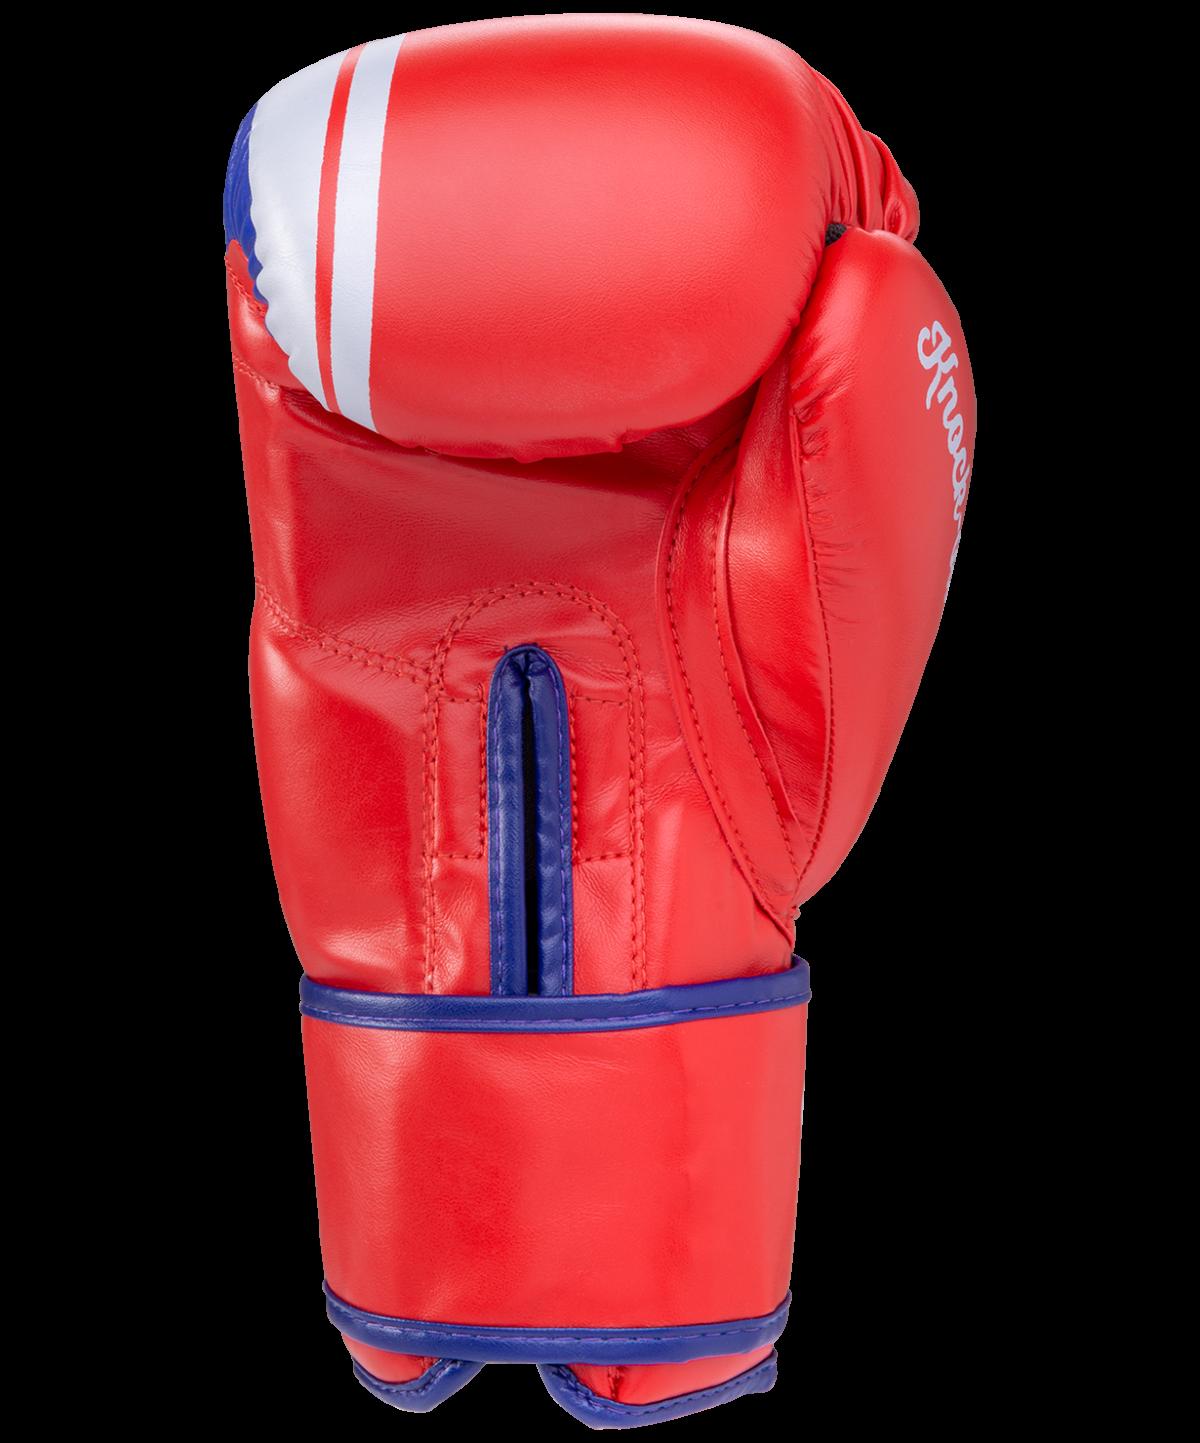 GREEN HILL Перчатки боксерские 10 oz Knockout  BGK-2266 - 3